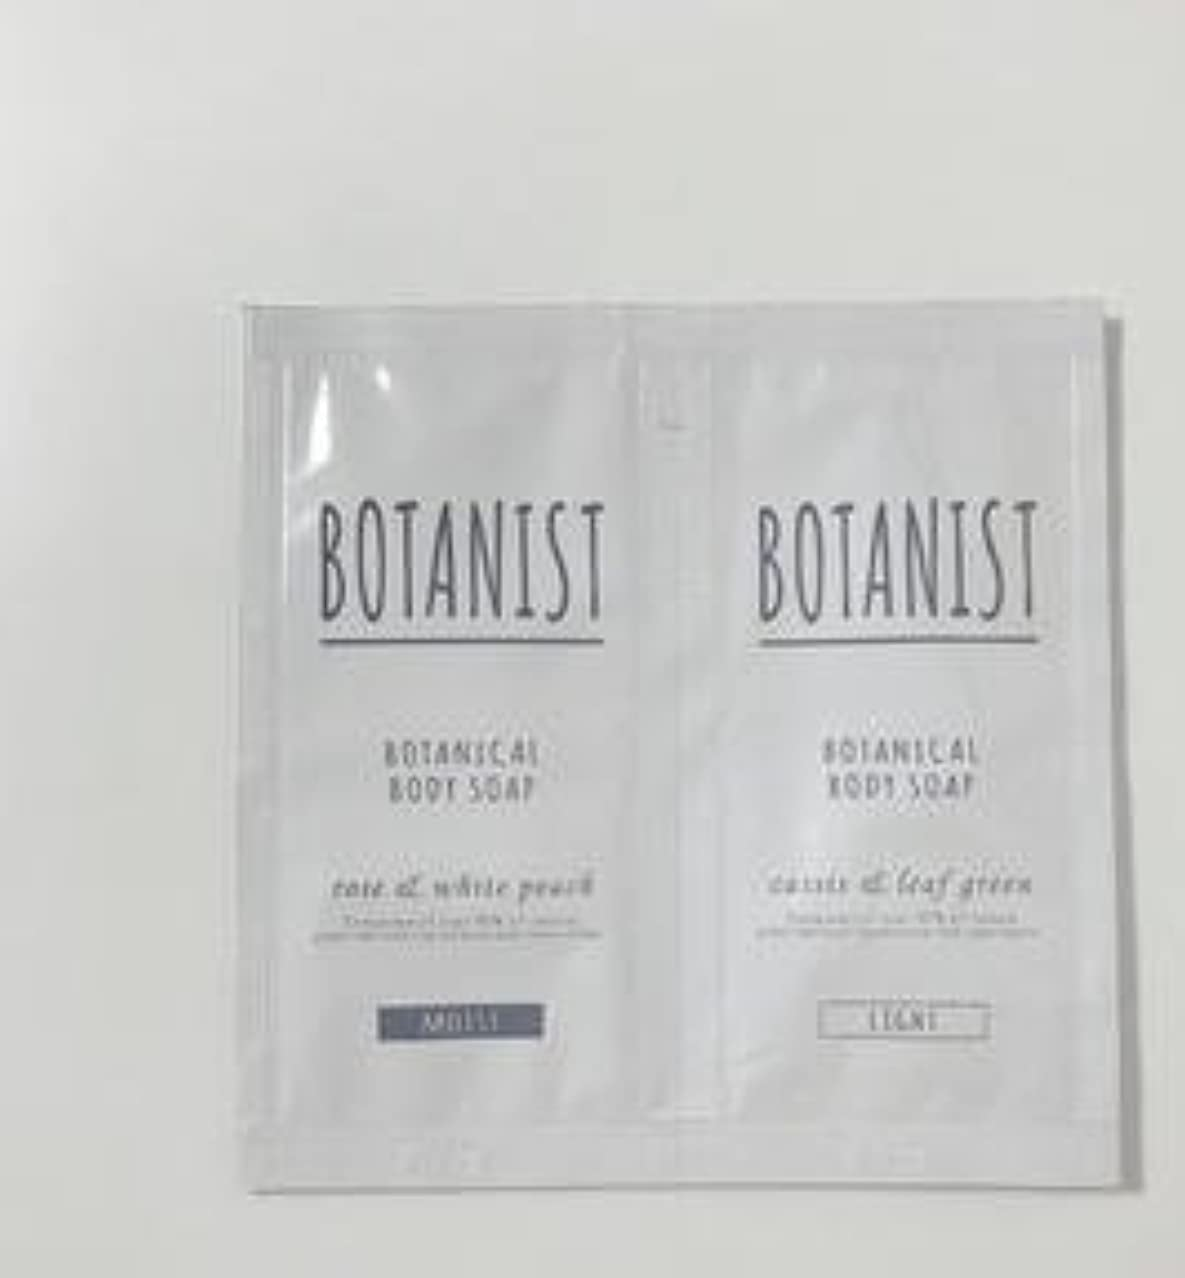 ブレークしっとり戦略BOTANIST ボタニカル ボディーソープ ライト&モイスト トライアルセット 8ml×2 (ライト&モイスト, 1個)